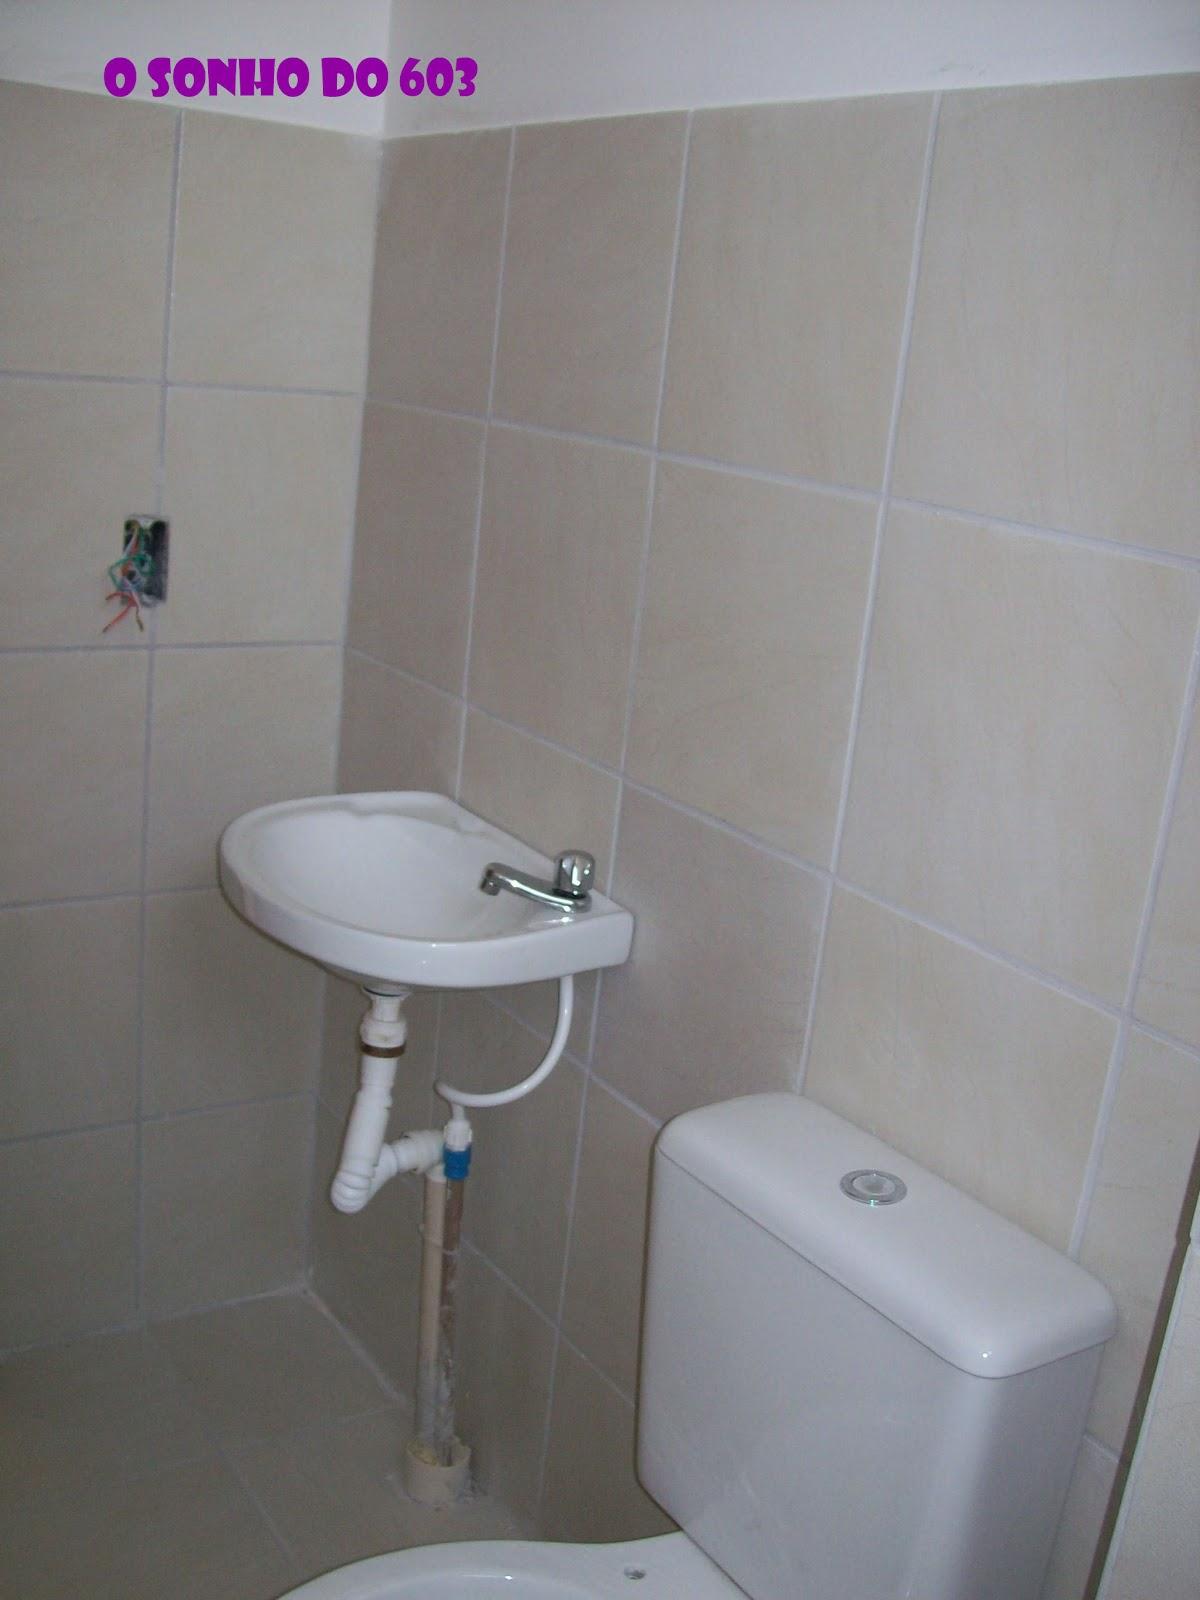 sonho do 603: Banheiro antes e por enquanto! #8C189C 1200x1600 Banheiro Com Pastilha Vertical